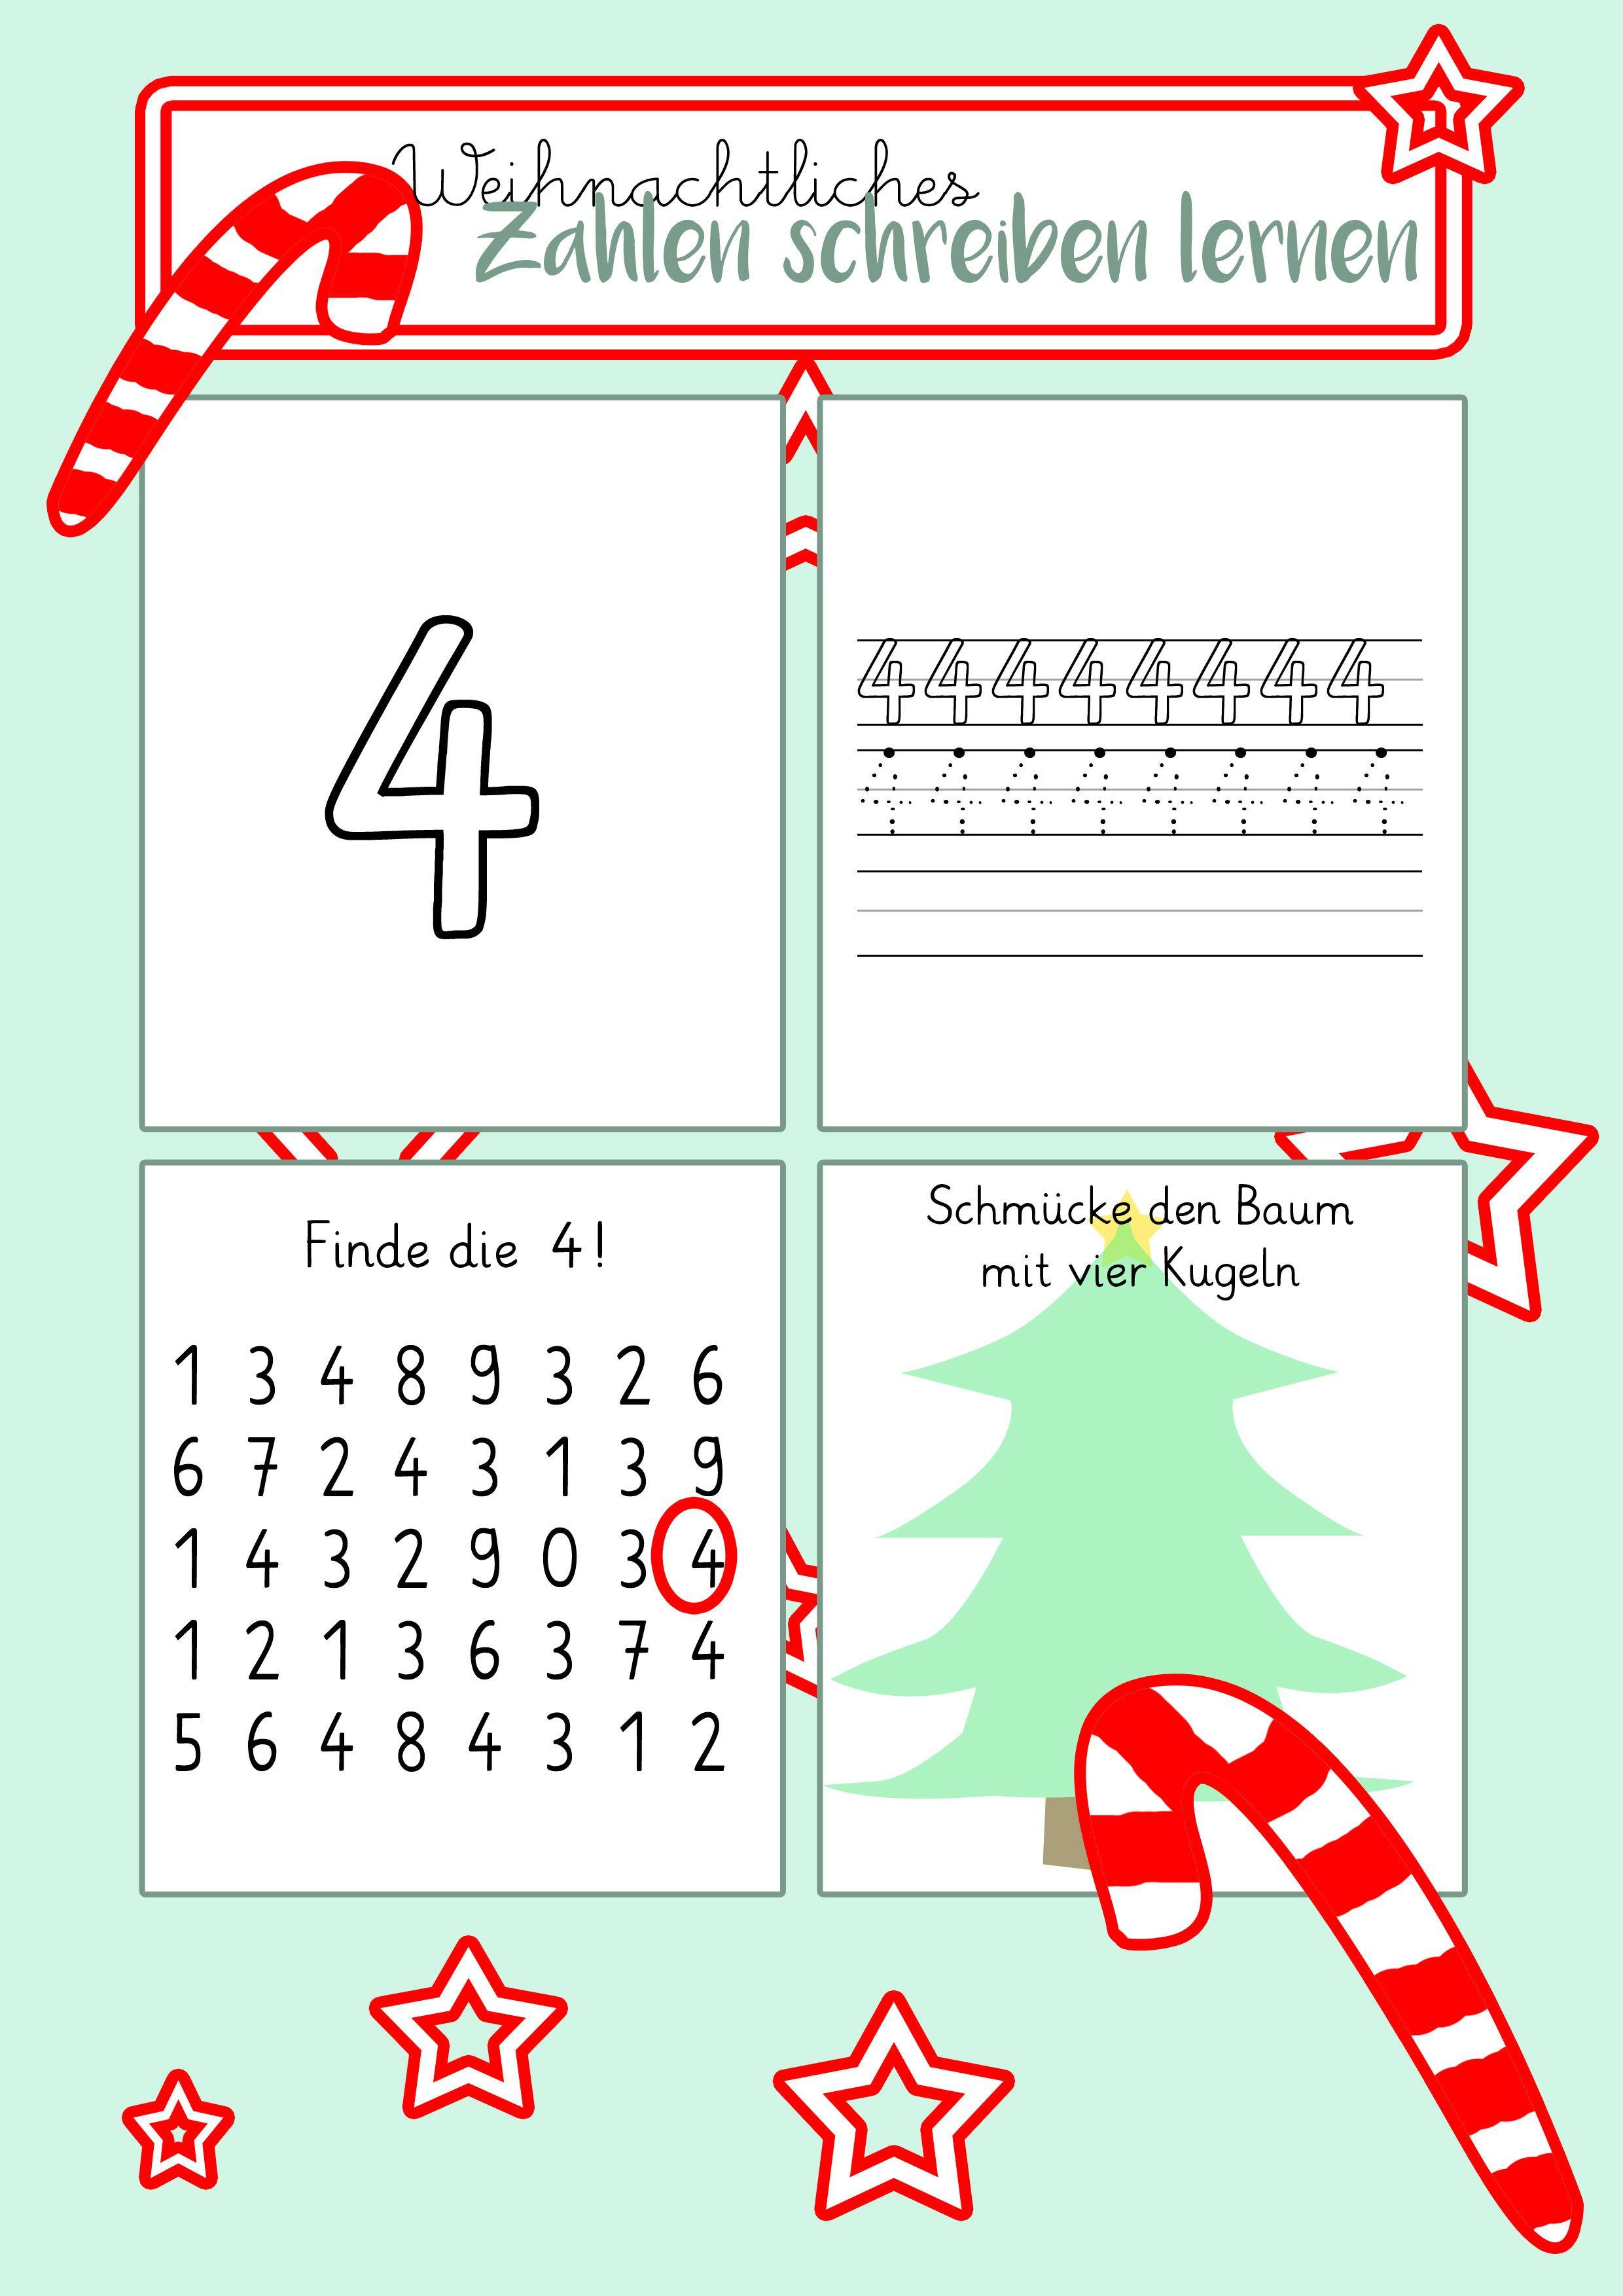 Zahlen schreiben lernen - weihnachtliche Arbeitsblätter | Hallo ...